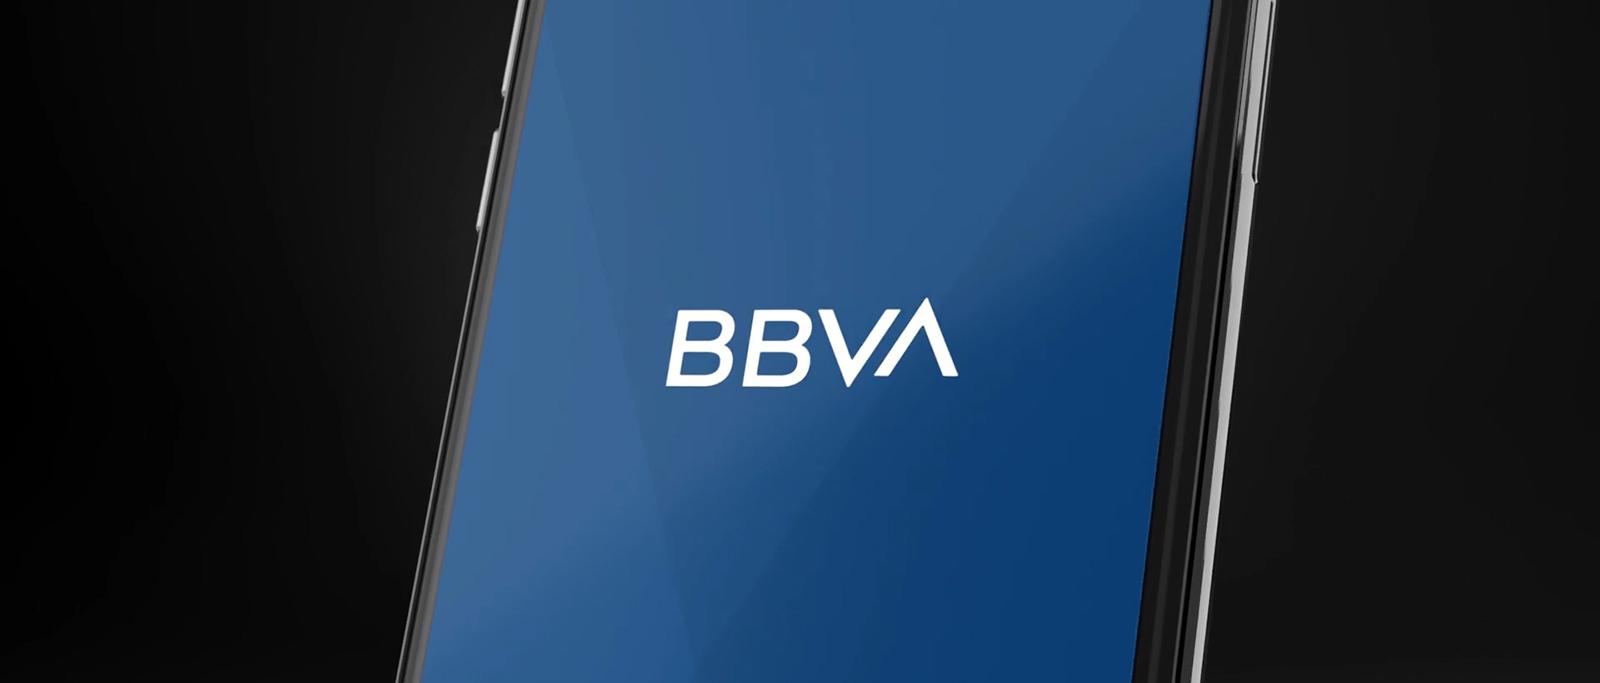 世界上最大的金融機構之一的BBVA啟動全新的品牌VI形象-深圳VI設計4